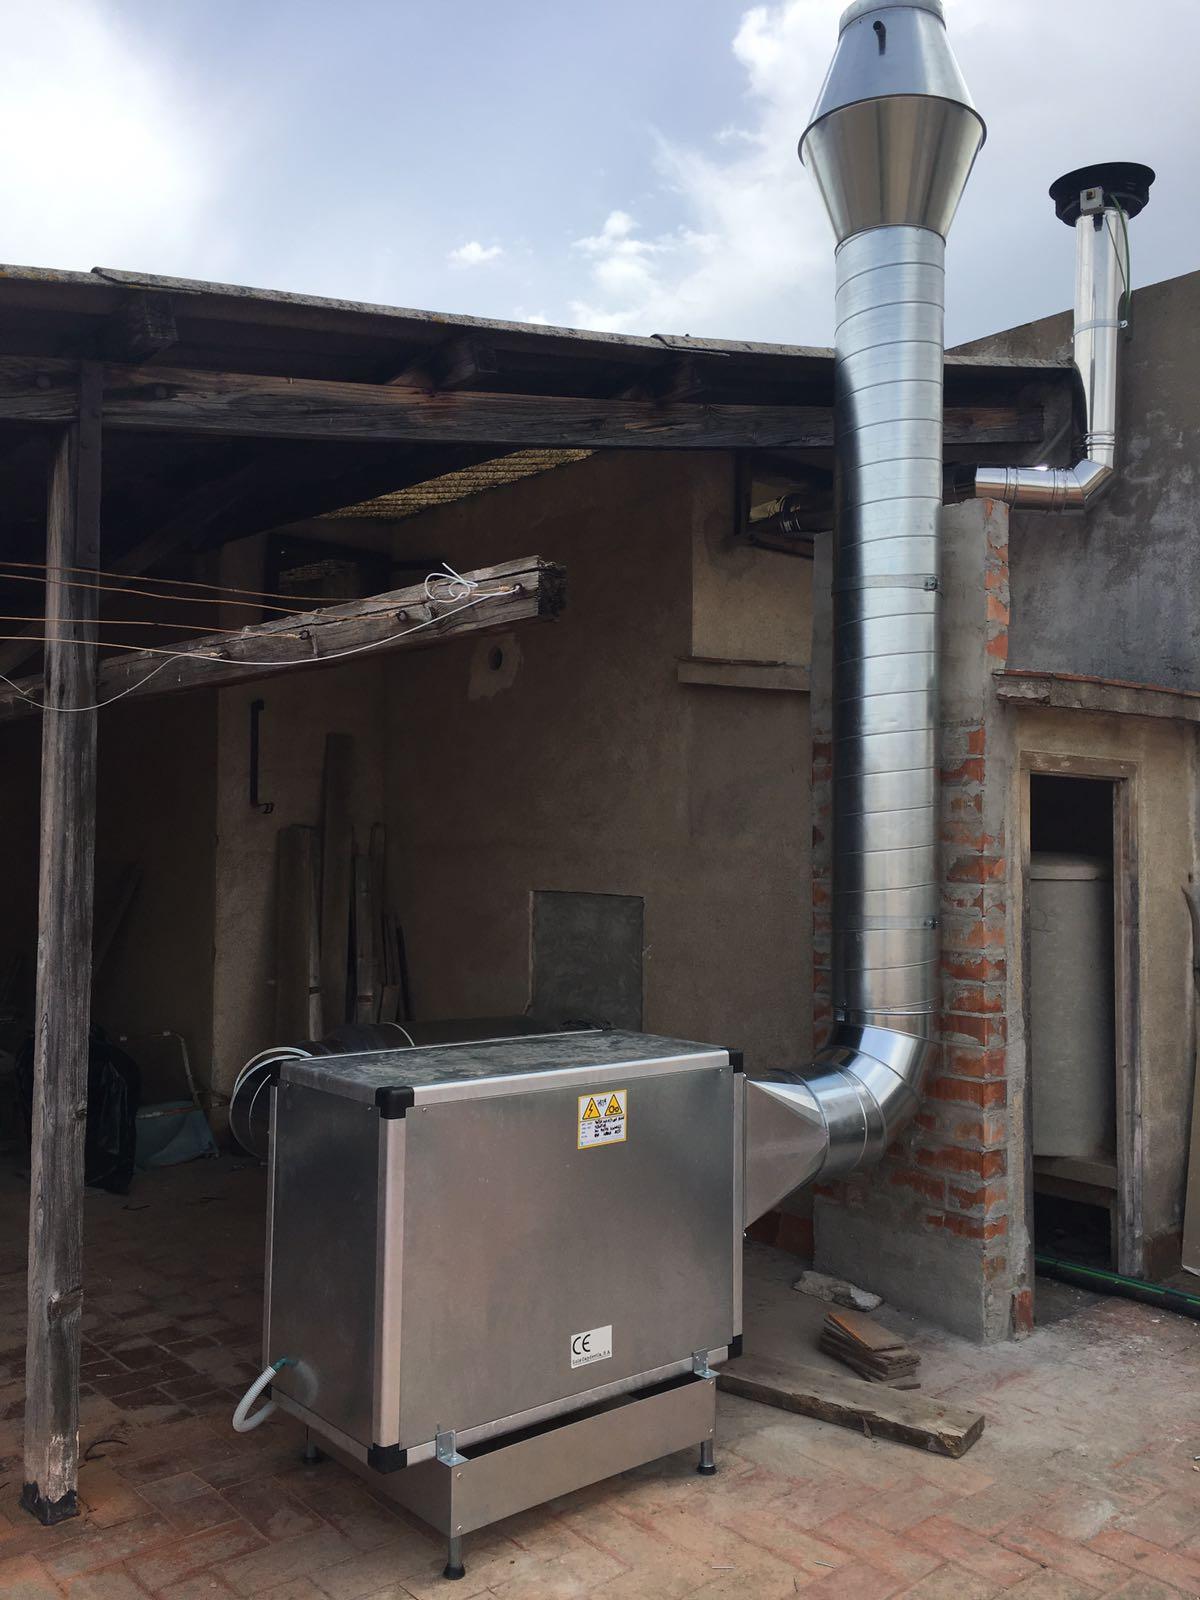 Extracci n humos campana cocina industrial fergotub - Extraccion de humos y ventilacion de cocinas ...